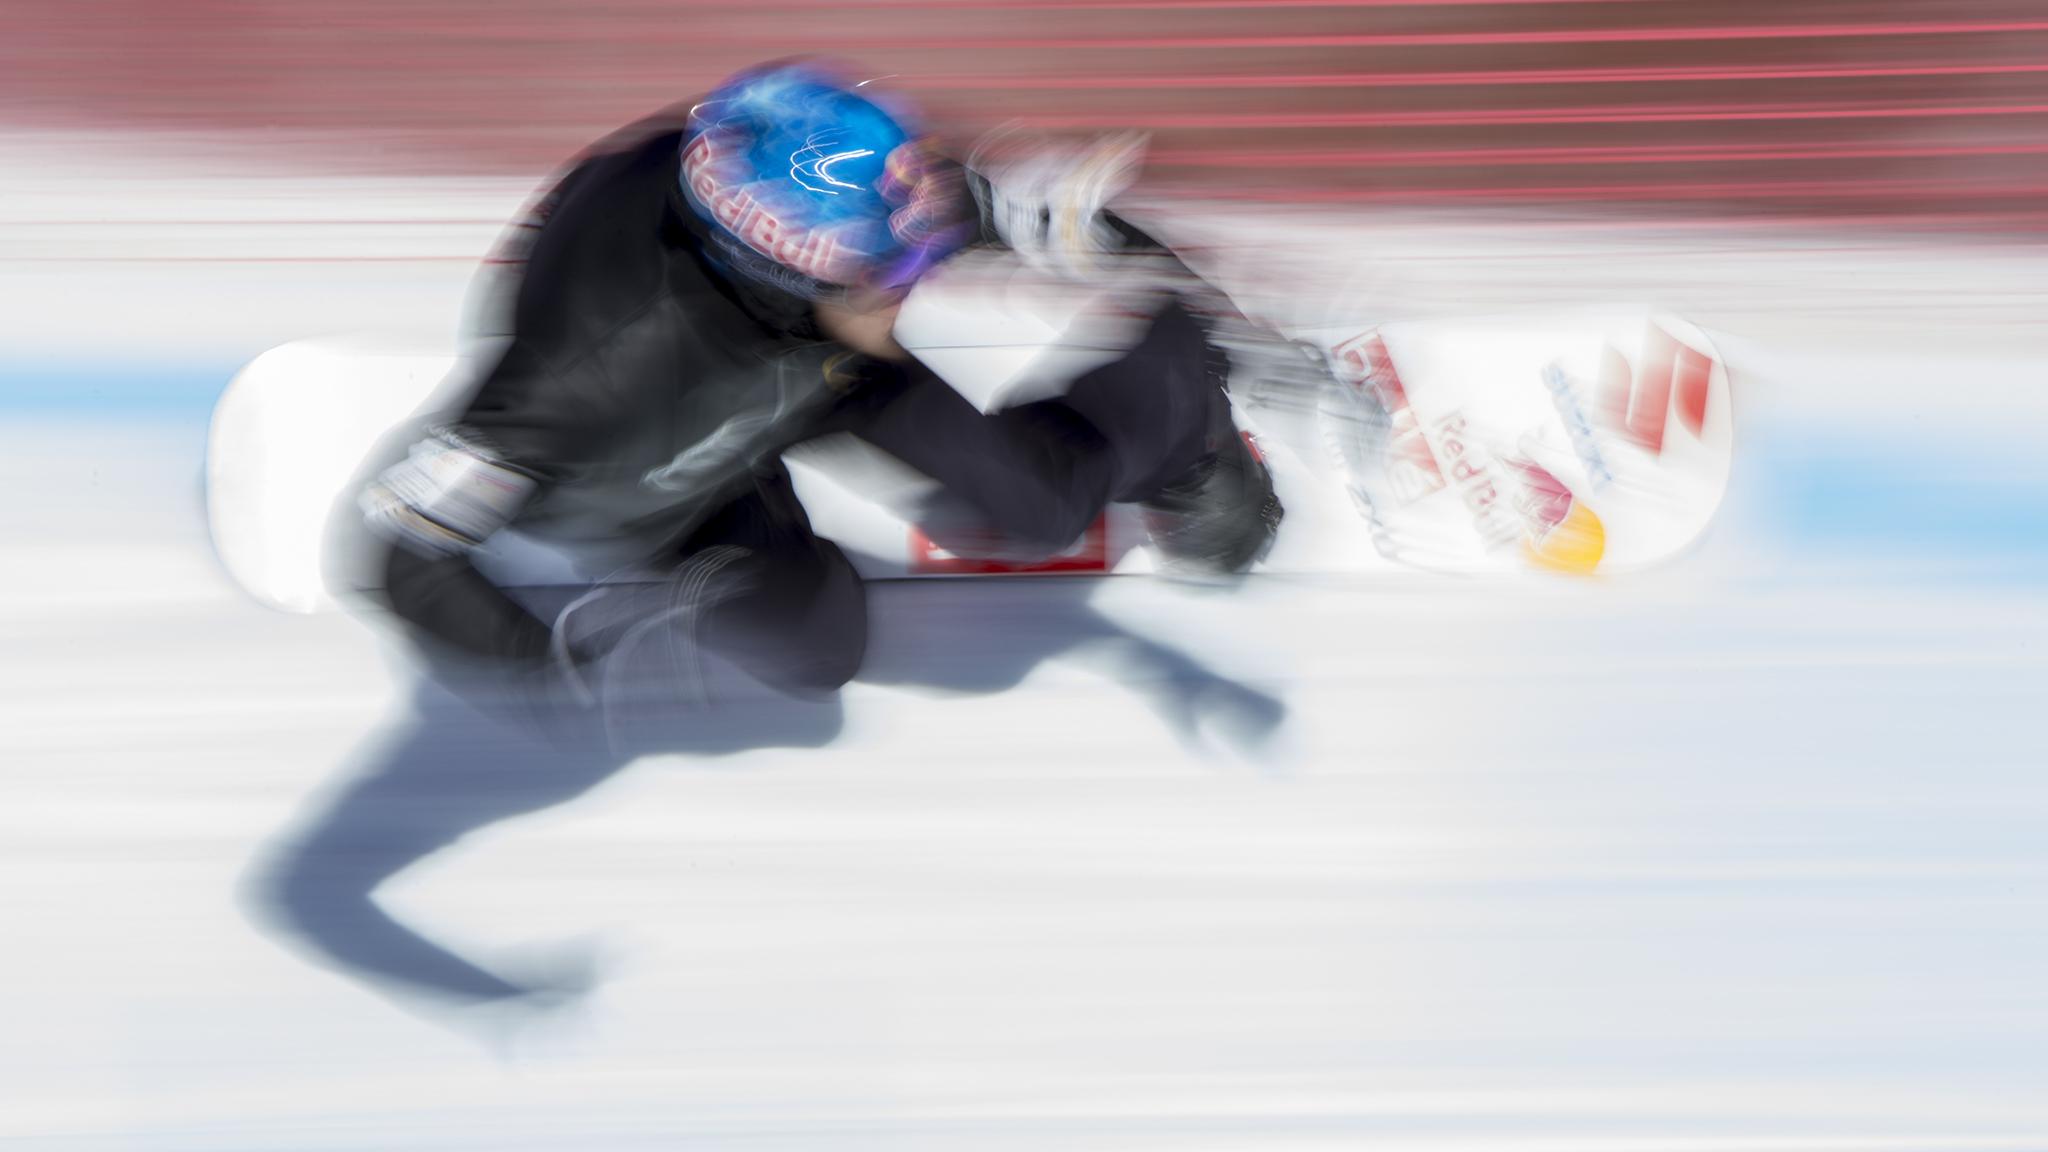 Men's Snowboarder X practice